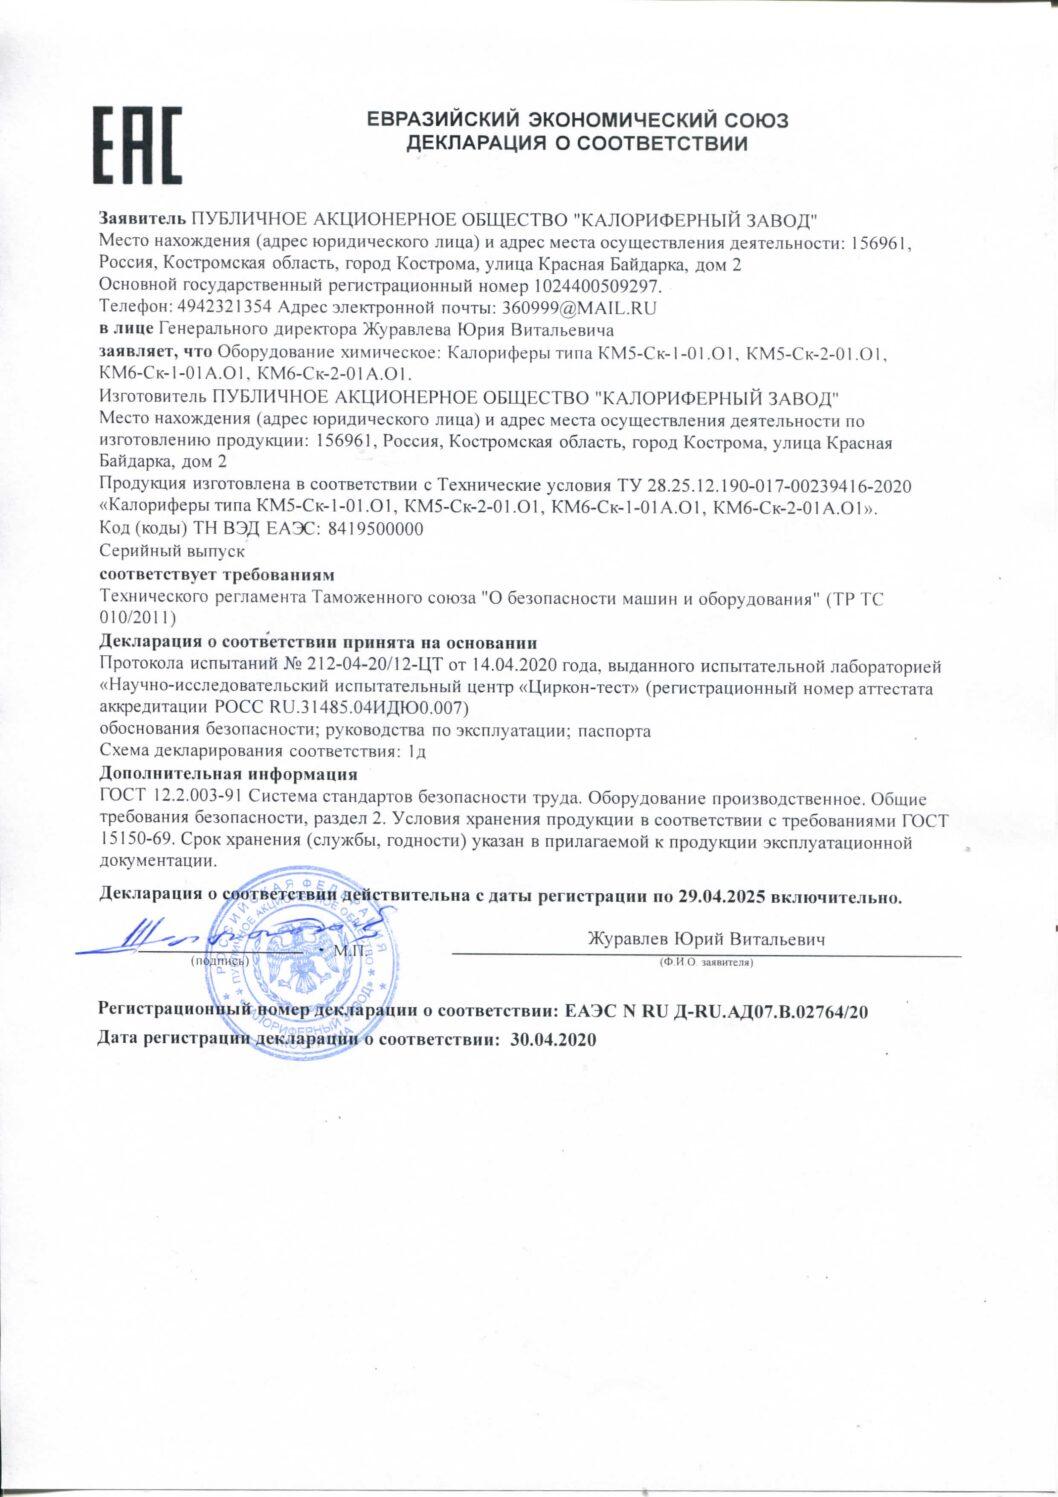 Декларация соотвестсвия КМ5, КМ6